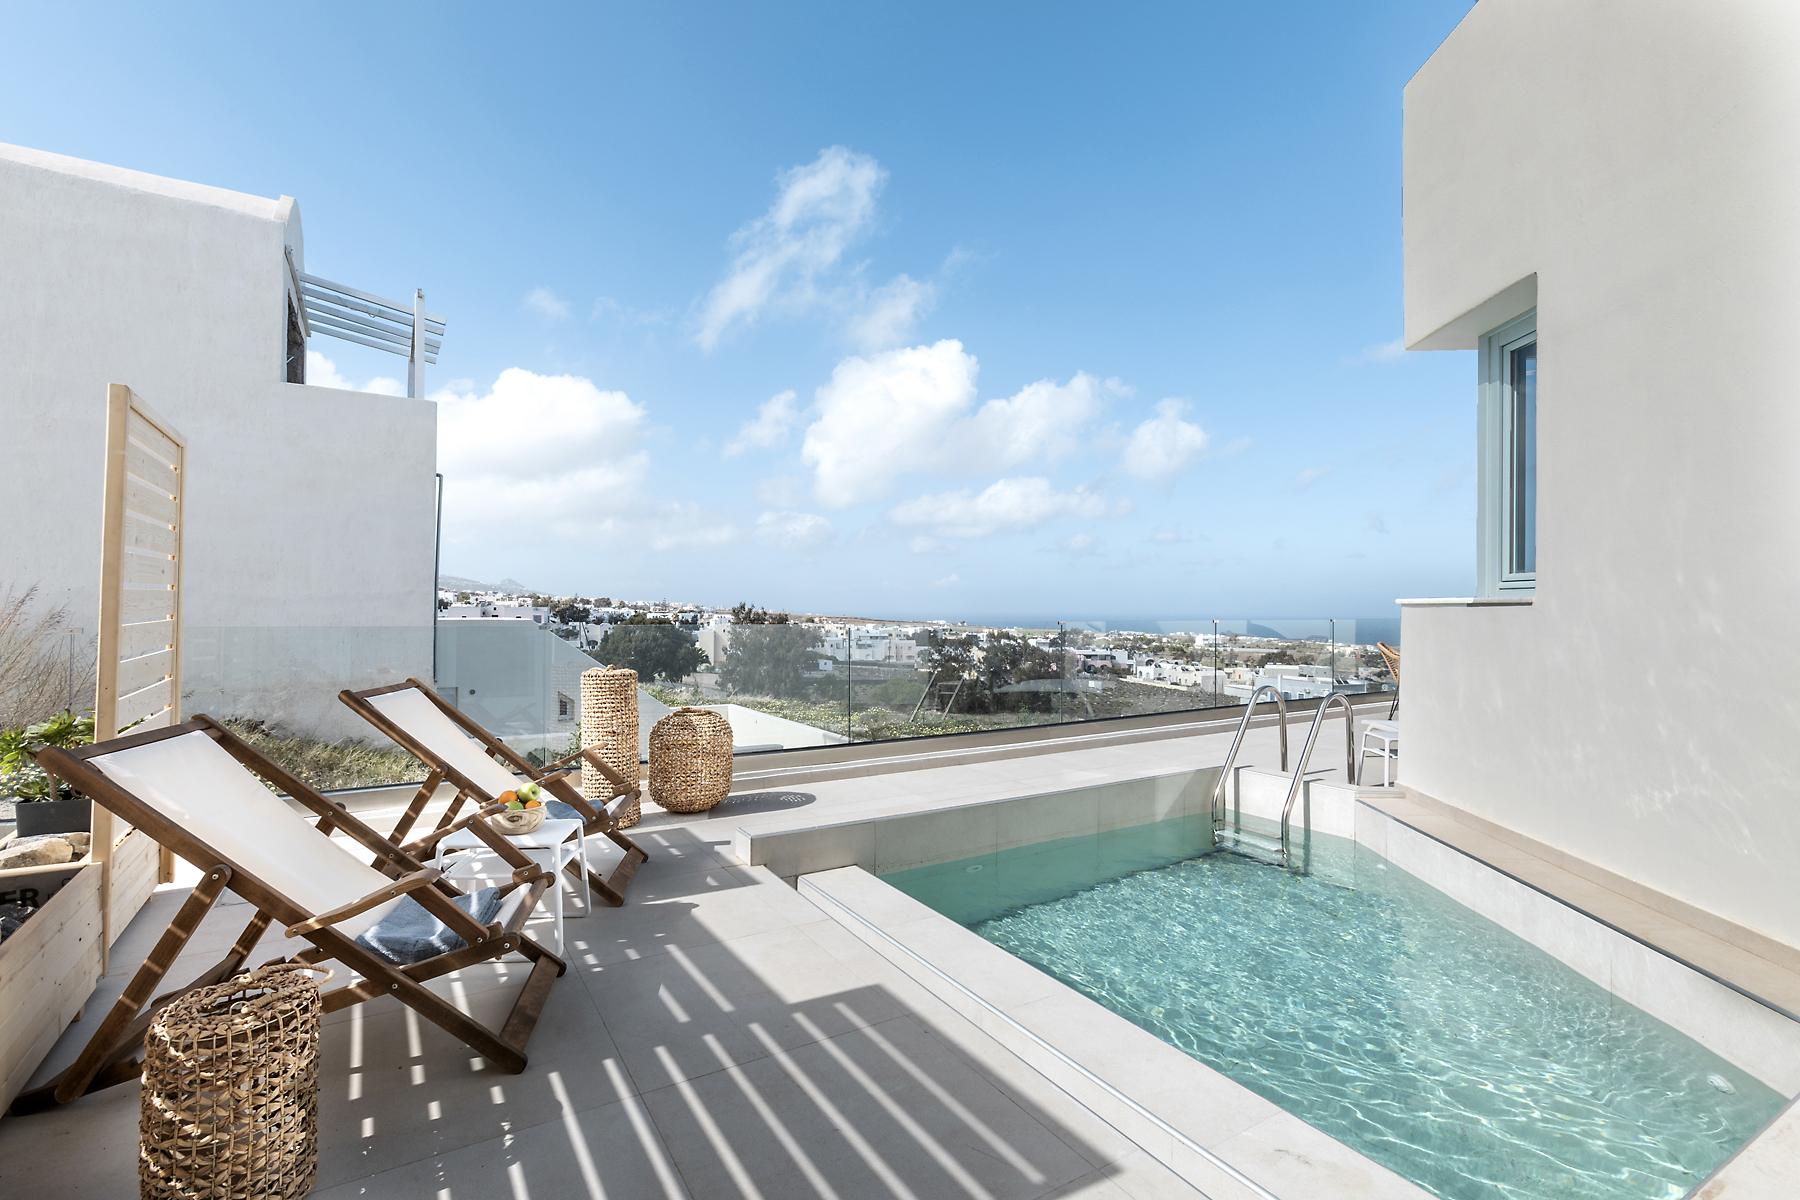 Deluxe Villa Cover Photo